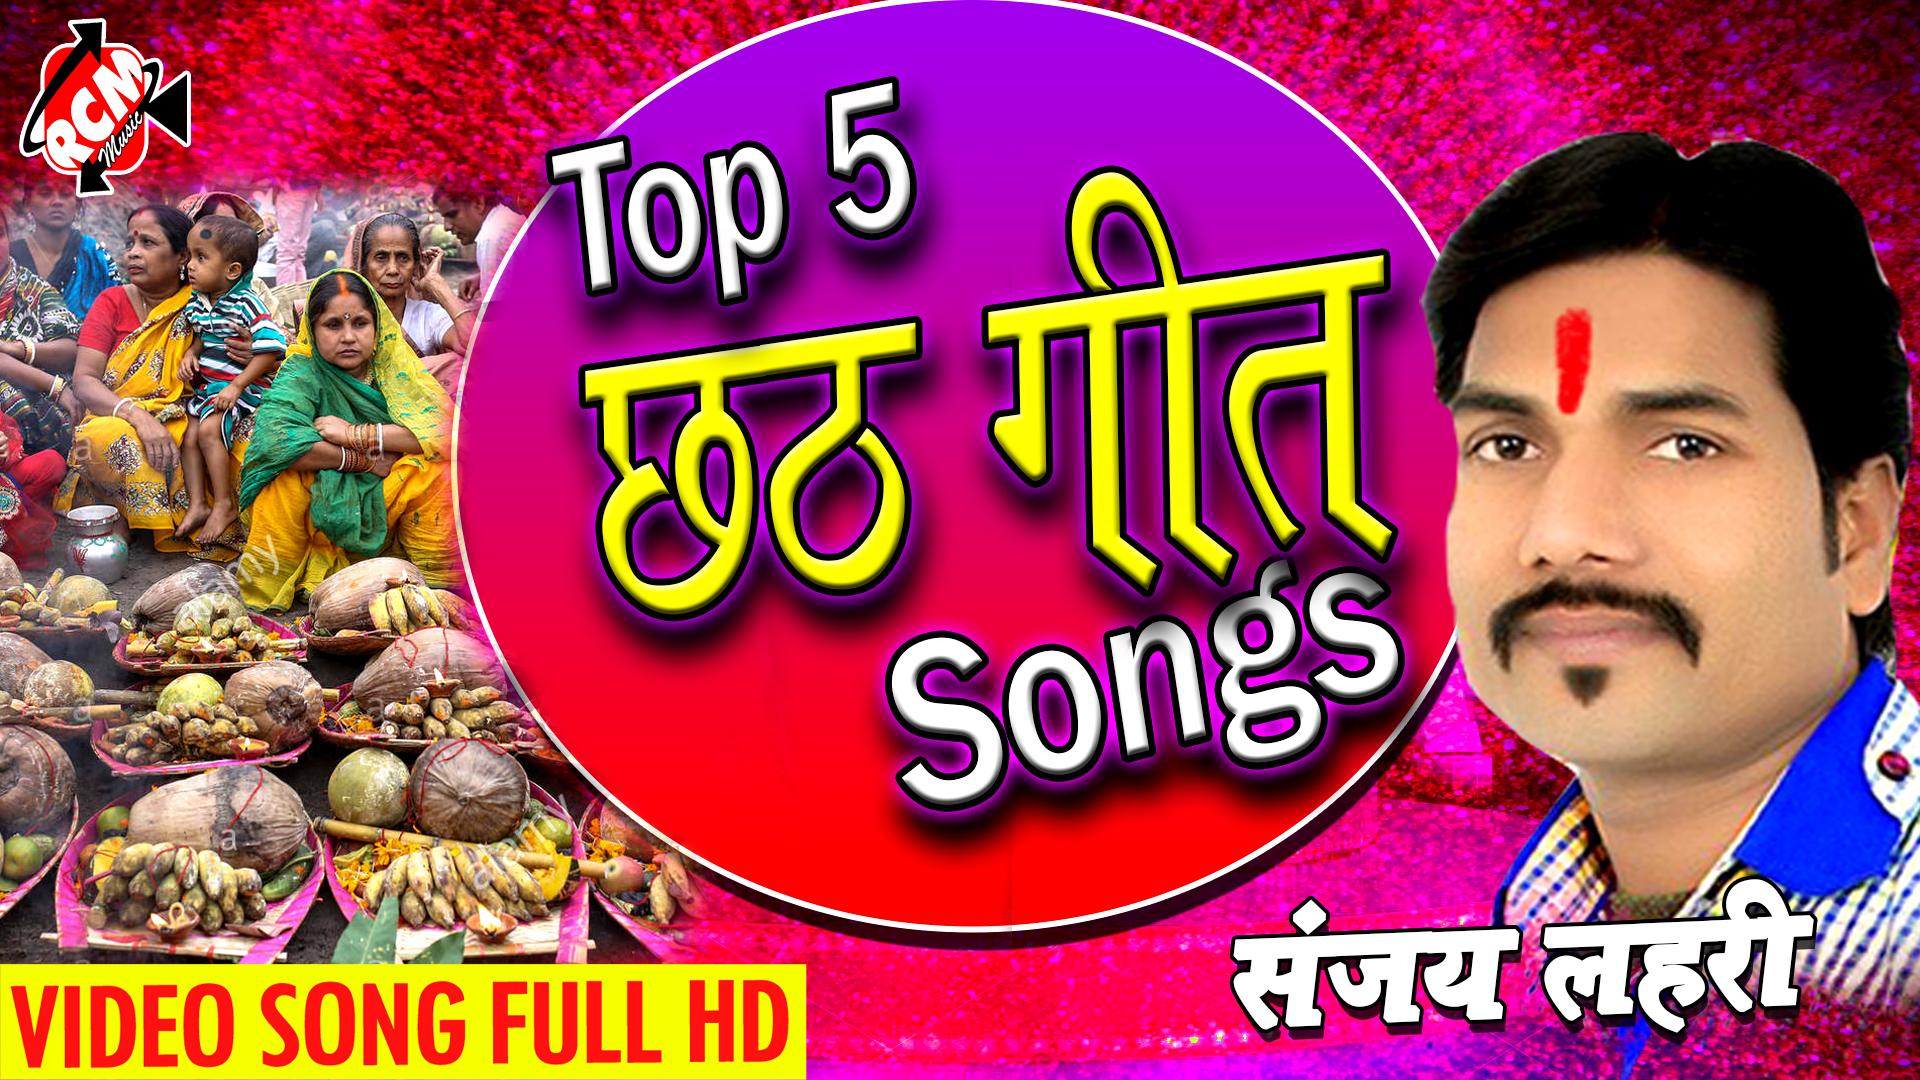 संजय लहरी का फुल डीजे वायरल टॉप 5 छठ गीत वीडियो 2017